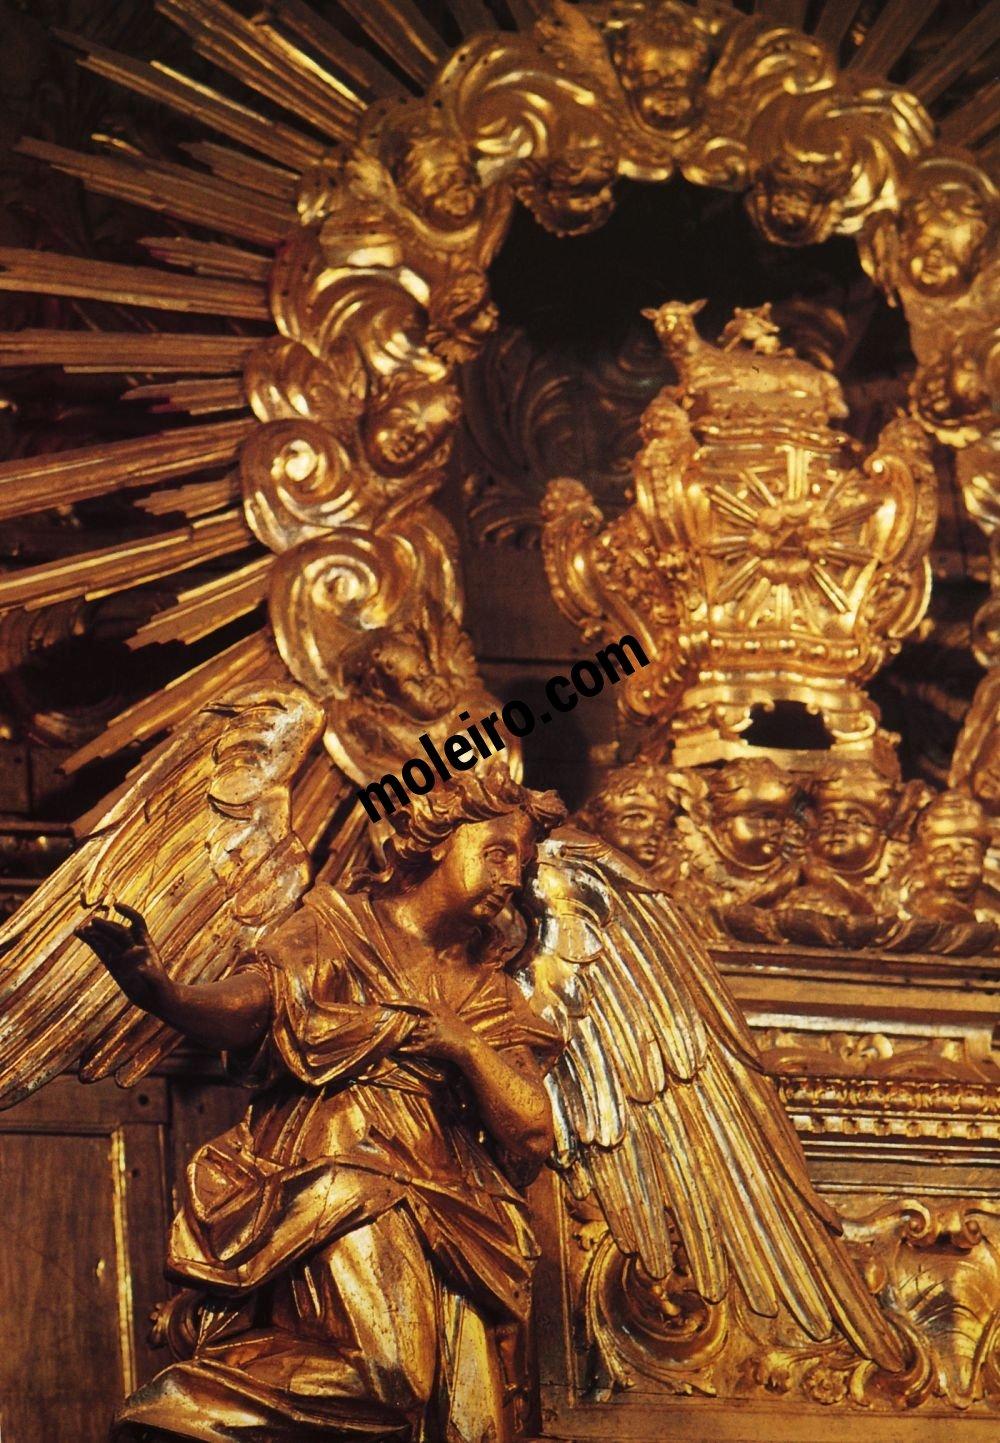 El Arte Barroco en España y Portugal Detalle de la 'talha' - u hornacina de exposicíon de la custodia. Iglesia de São Pedro de Obidos, Portugal.